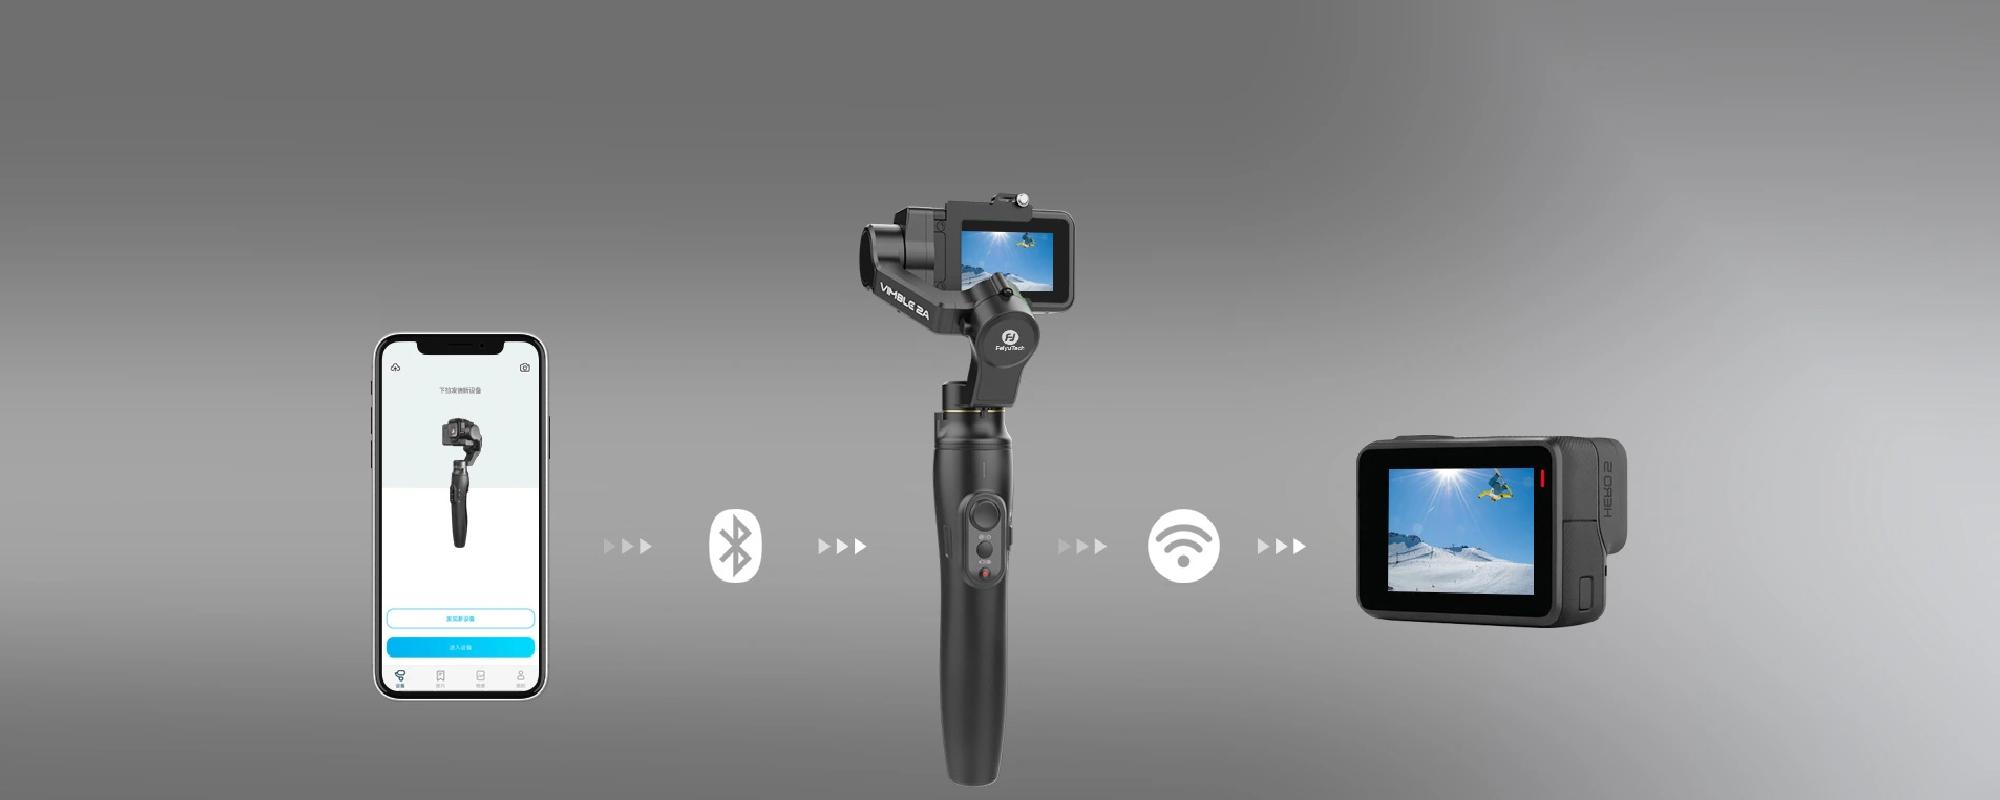 Grafika - Gimbal ręczny FeiyuTech Vimble 2A do kamer sportowych_04.jpg